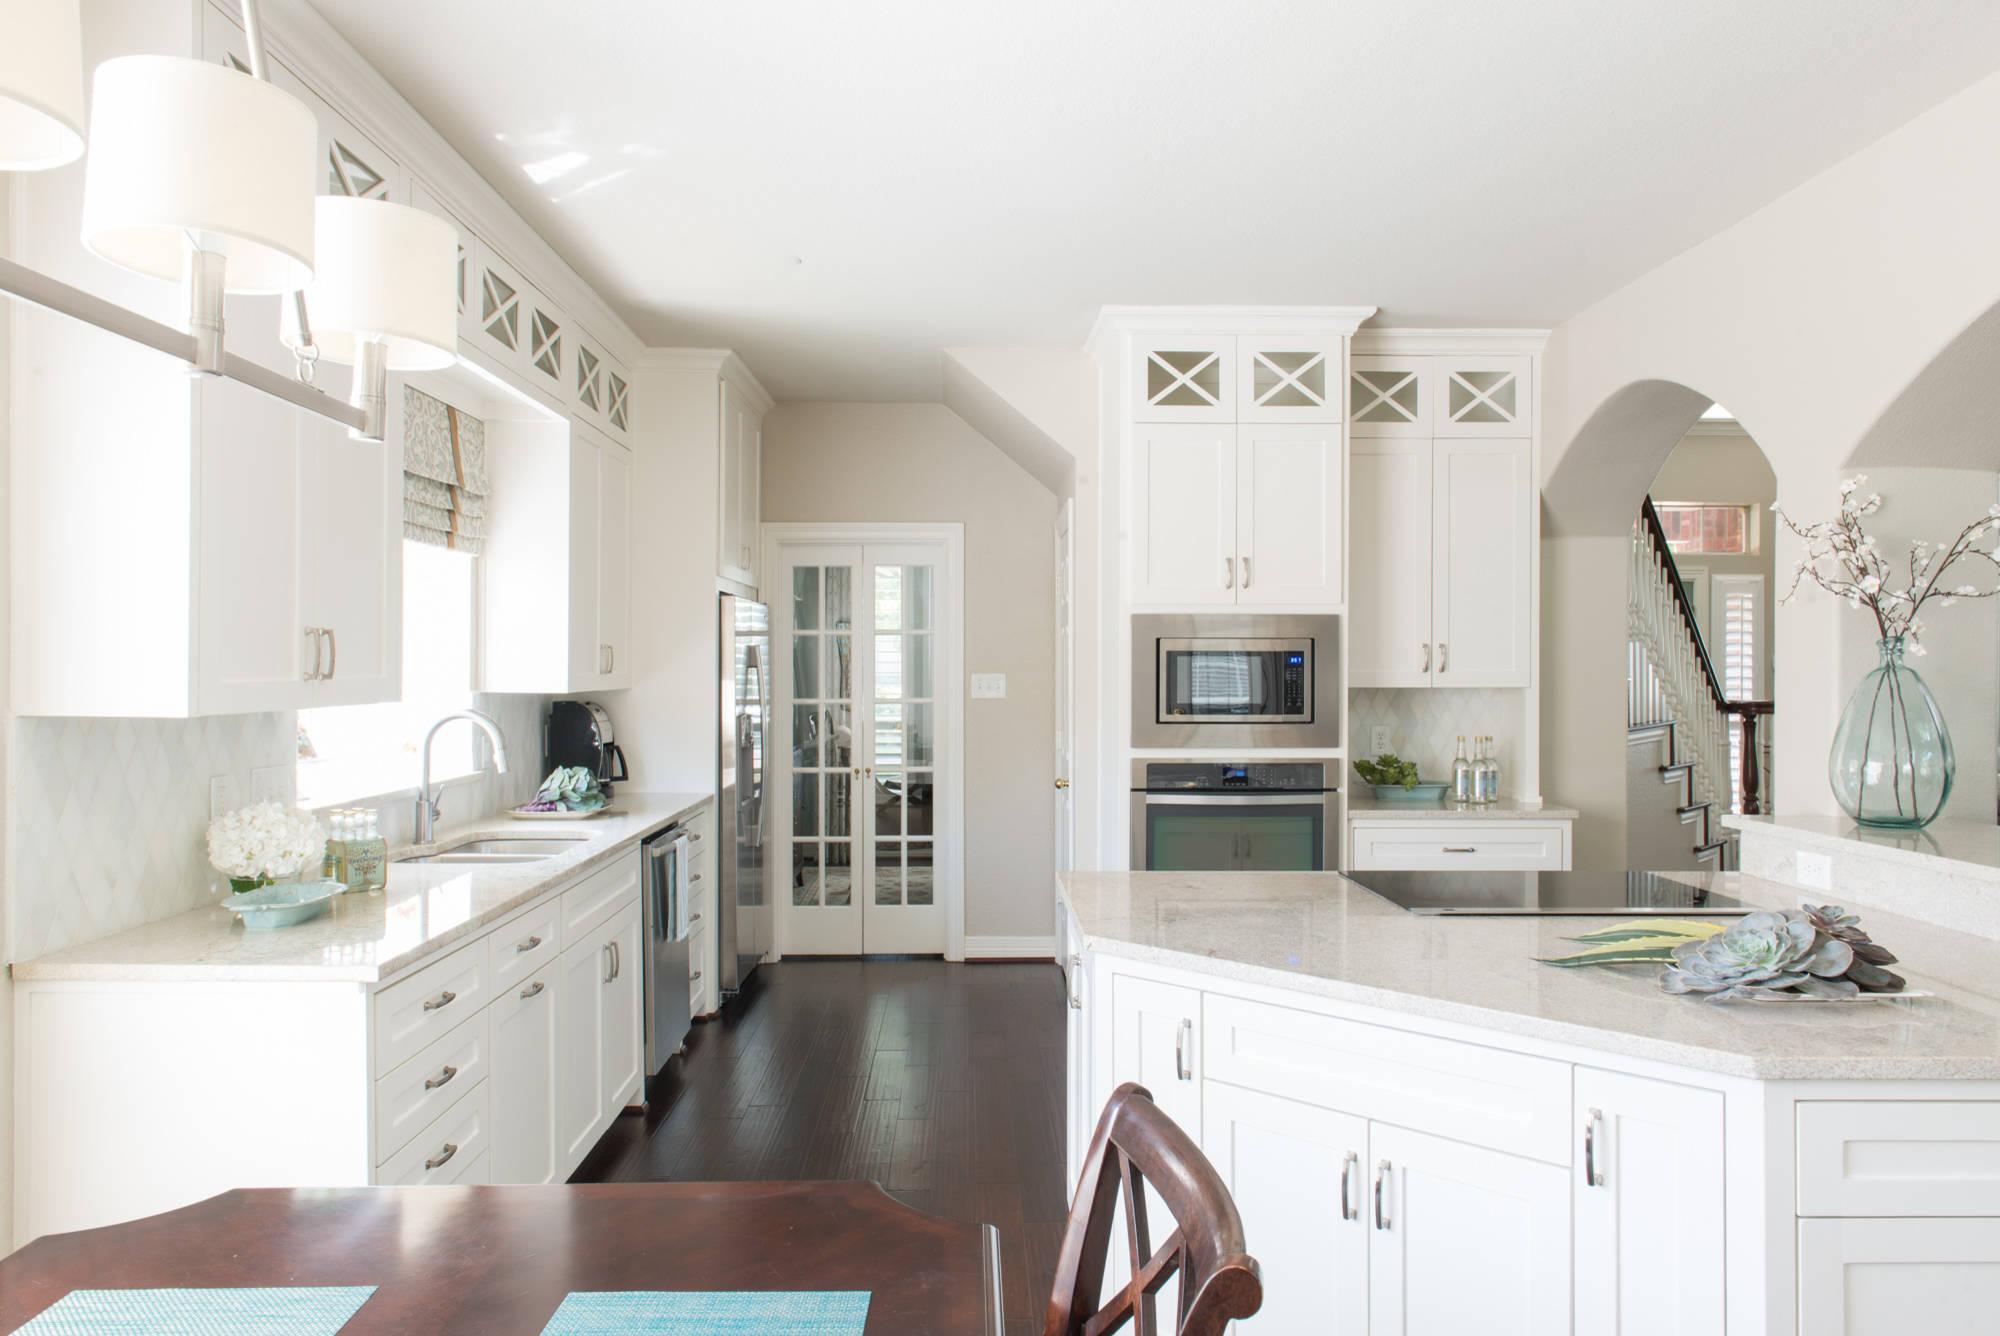 White Cabinets With Dark Granite Ideas Photos Houzz